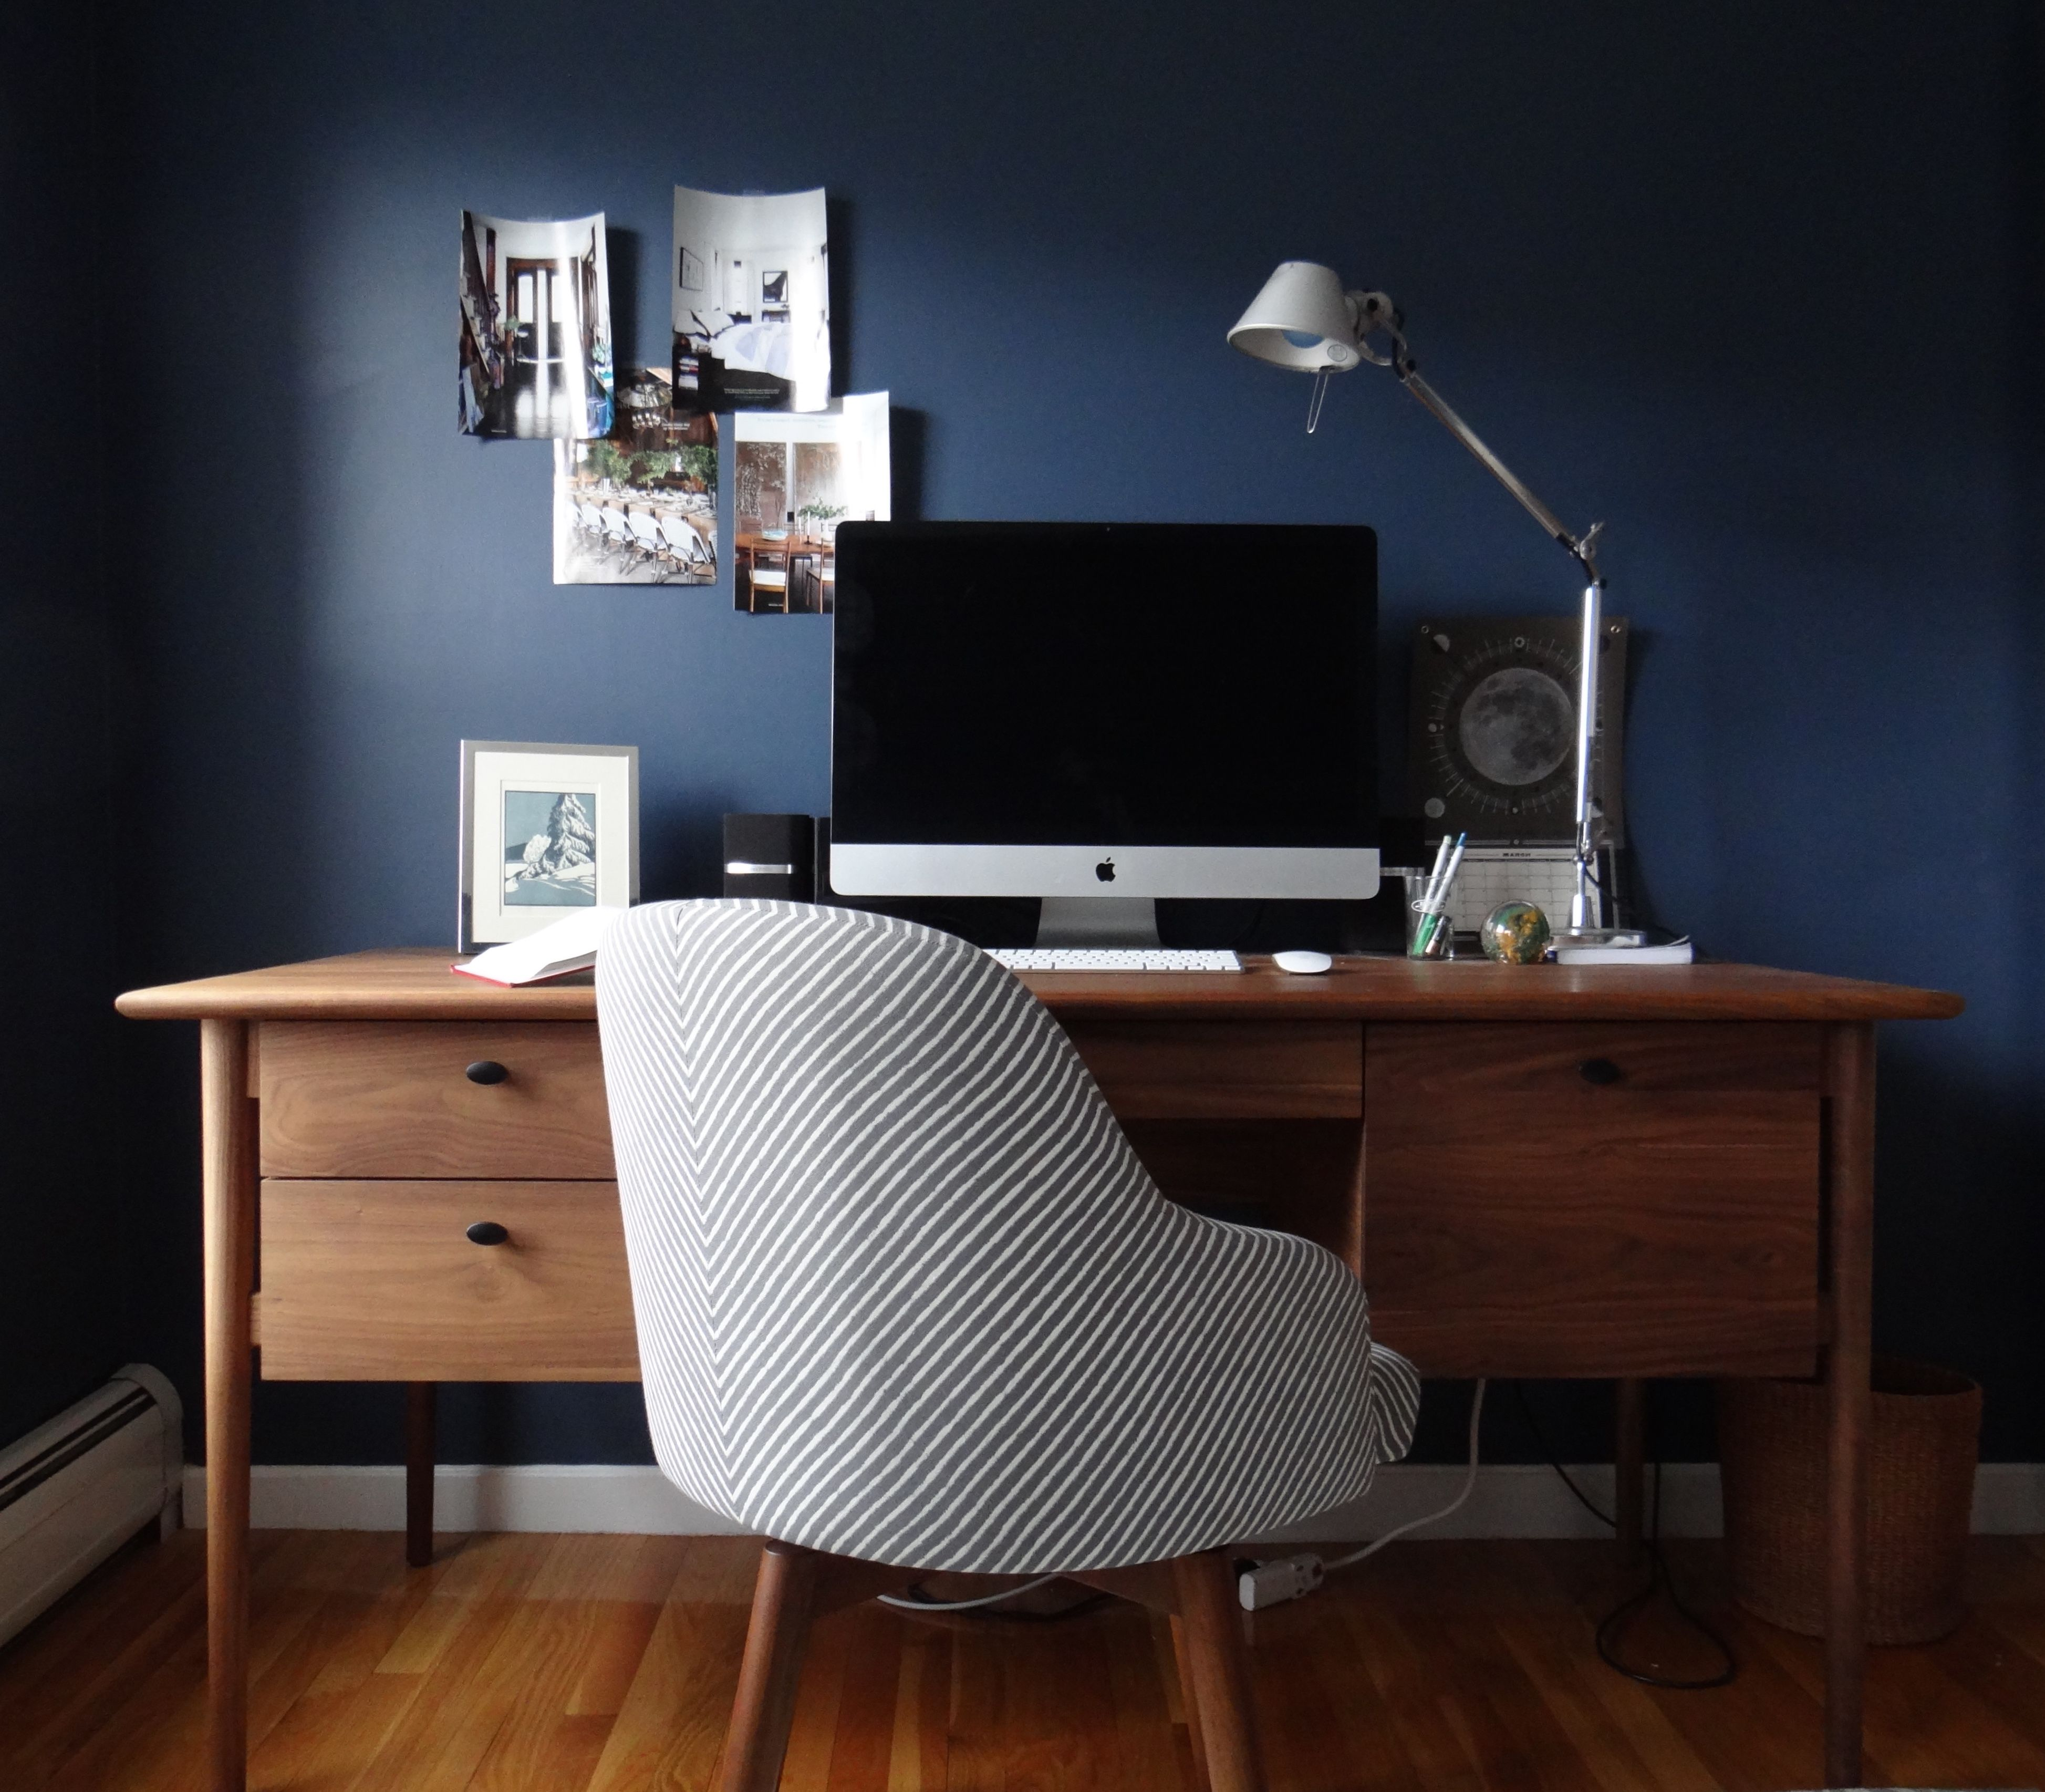 Crate And Barrel Kendall Desk West Elm Saddle Chair Desks For